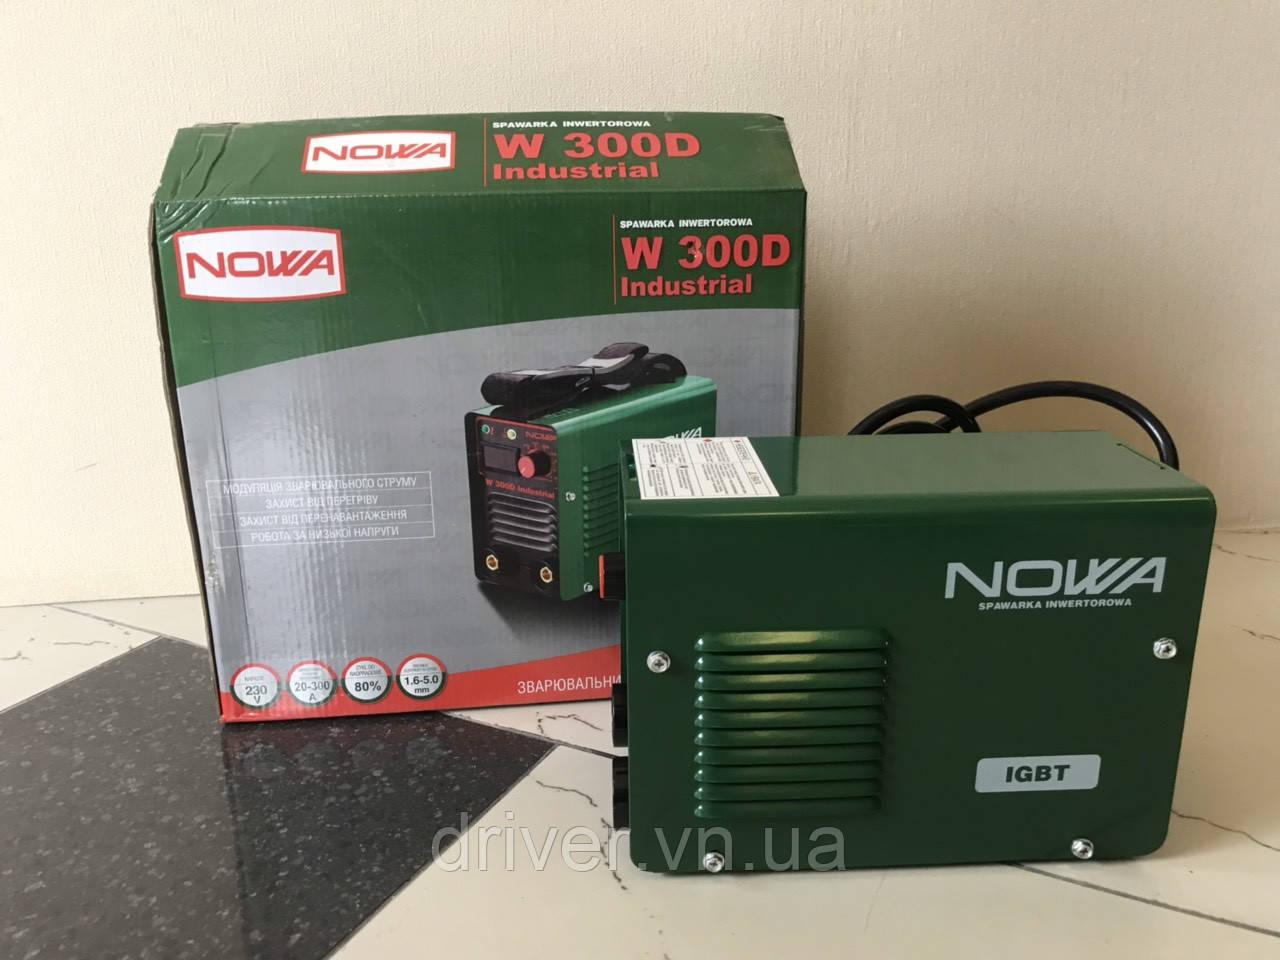 Зварювальний апарат (інвертор) 5.2 кВт Nowa W300D